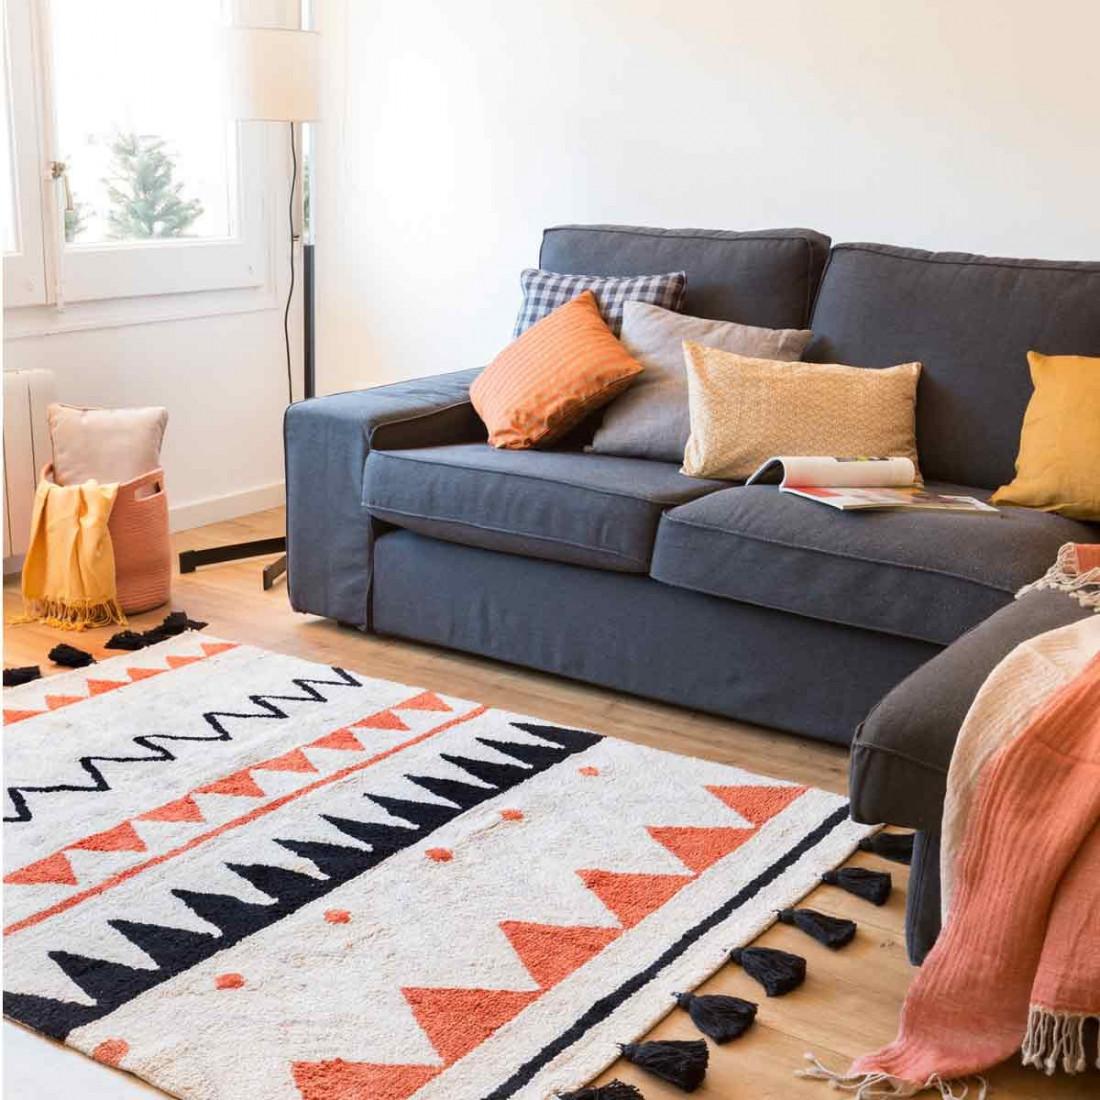 tapis coton lavable motifs azt que beige orange noir et gris lorena canals ma chambramoi. Black Bedroom Furniture Sets. Home Design Ideas